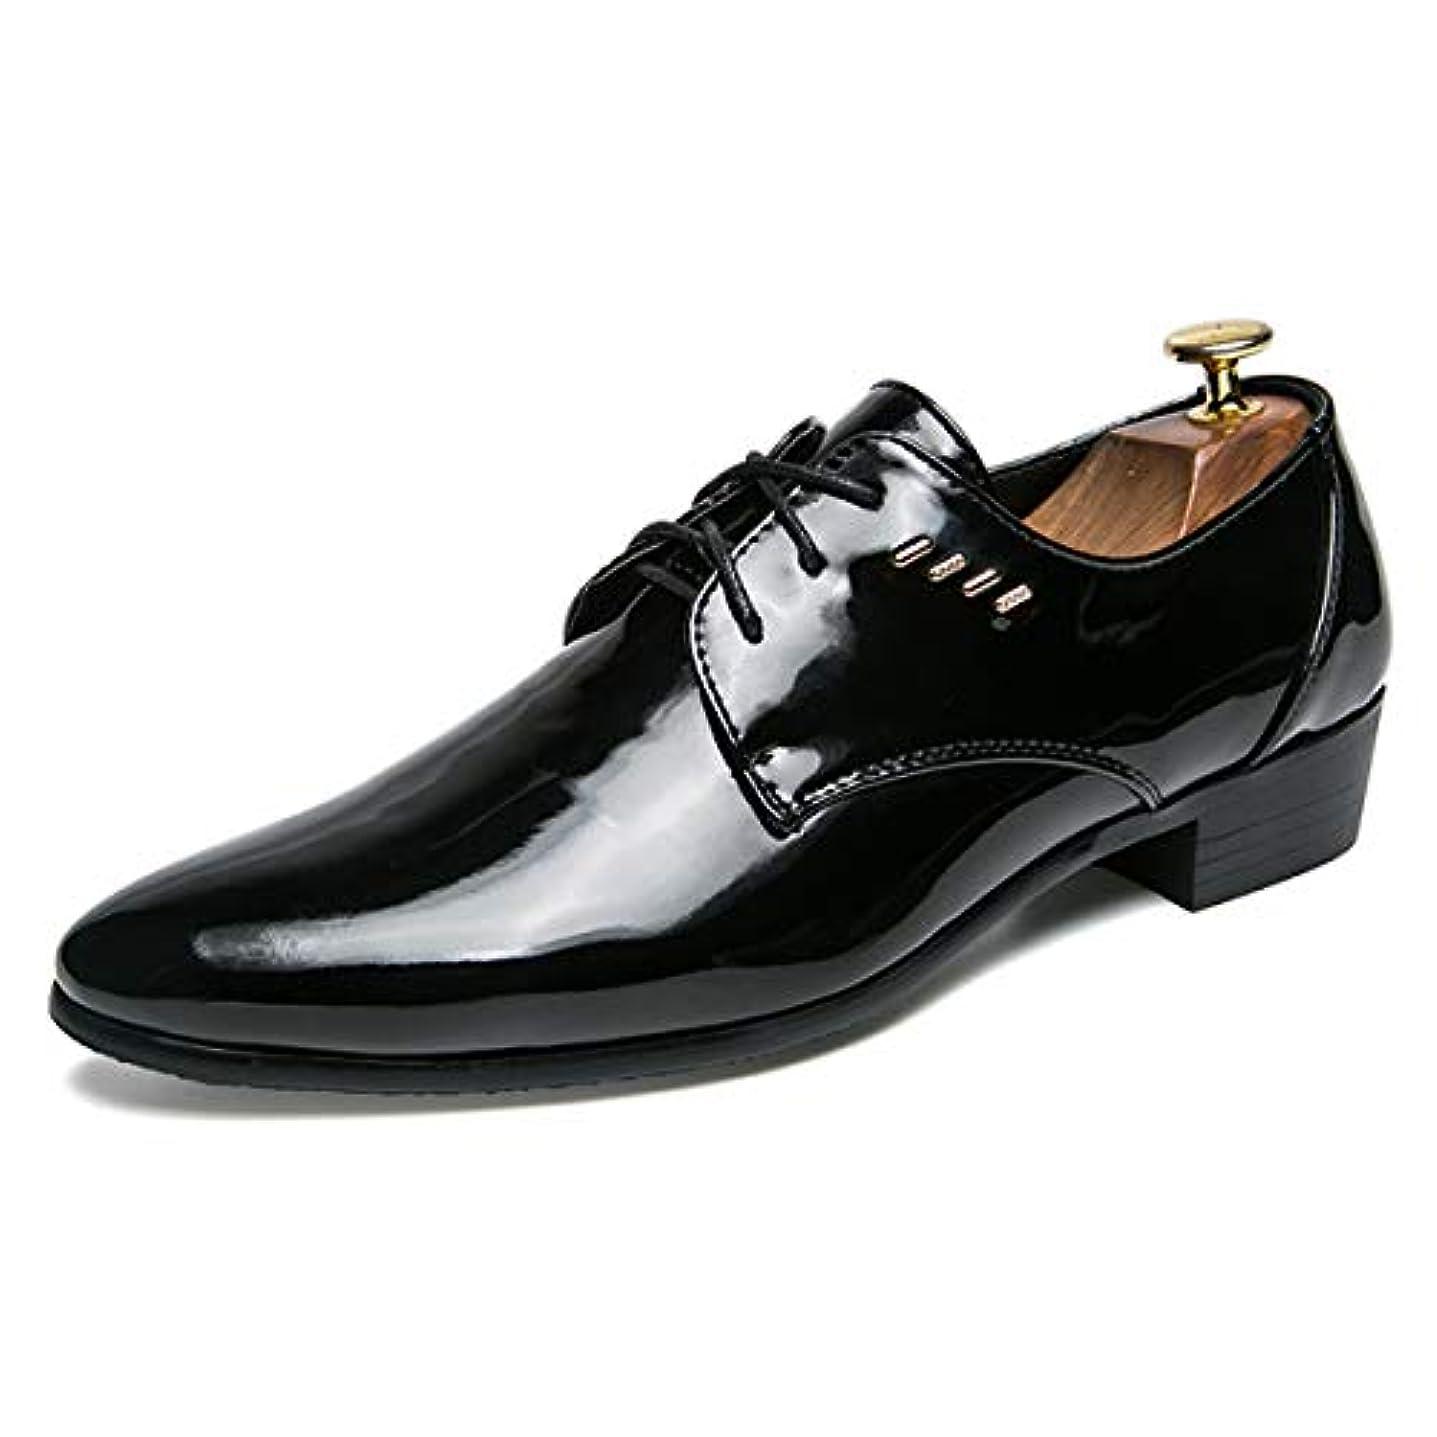 大宇宙サージ達成する[Poly] メンズシューズ レザーシューズ ドレスシューズ レースアップ ビジネスシューズ カジュアル靴 紳士靴 ハイヒール エナメル ストレートチップ G-A35123/A35133